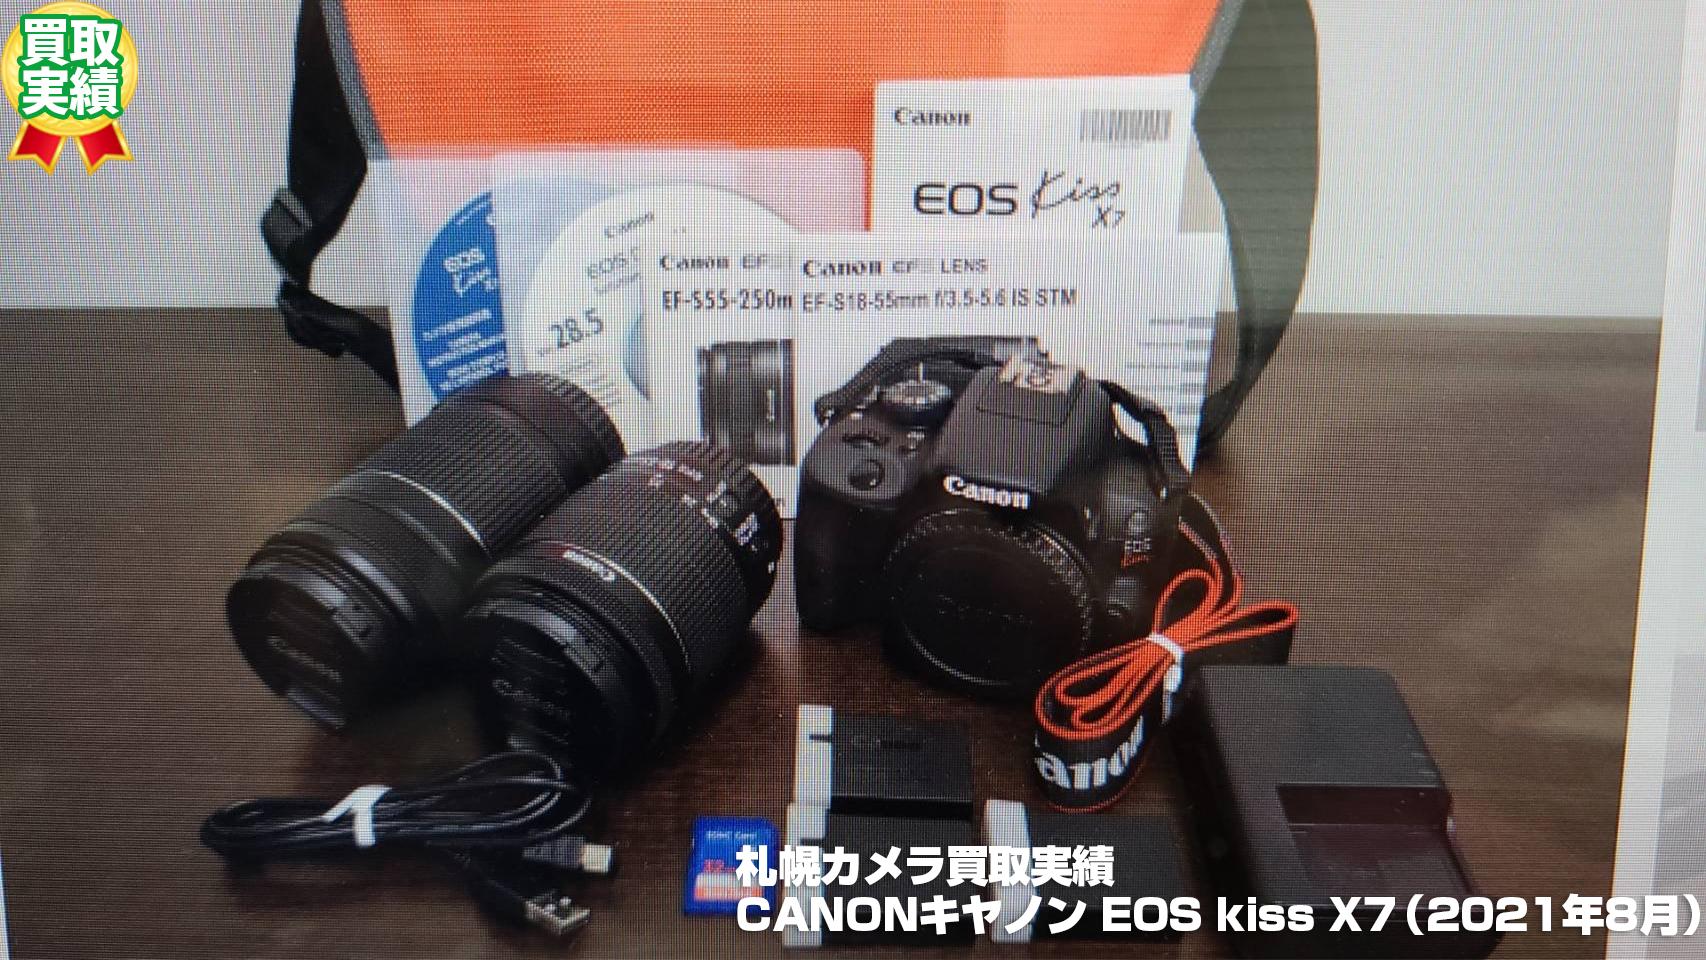 札幌カメラ買取実績 CANONキヤノン EOS kiss X7(2021年8月)